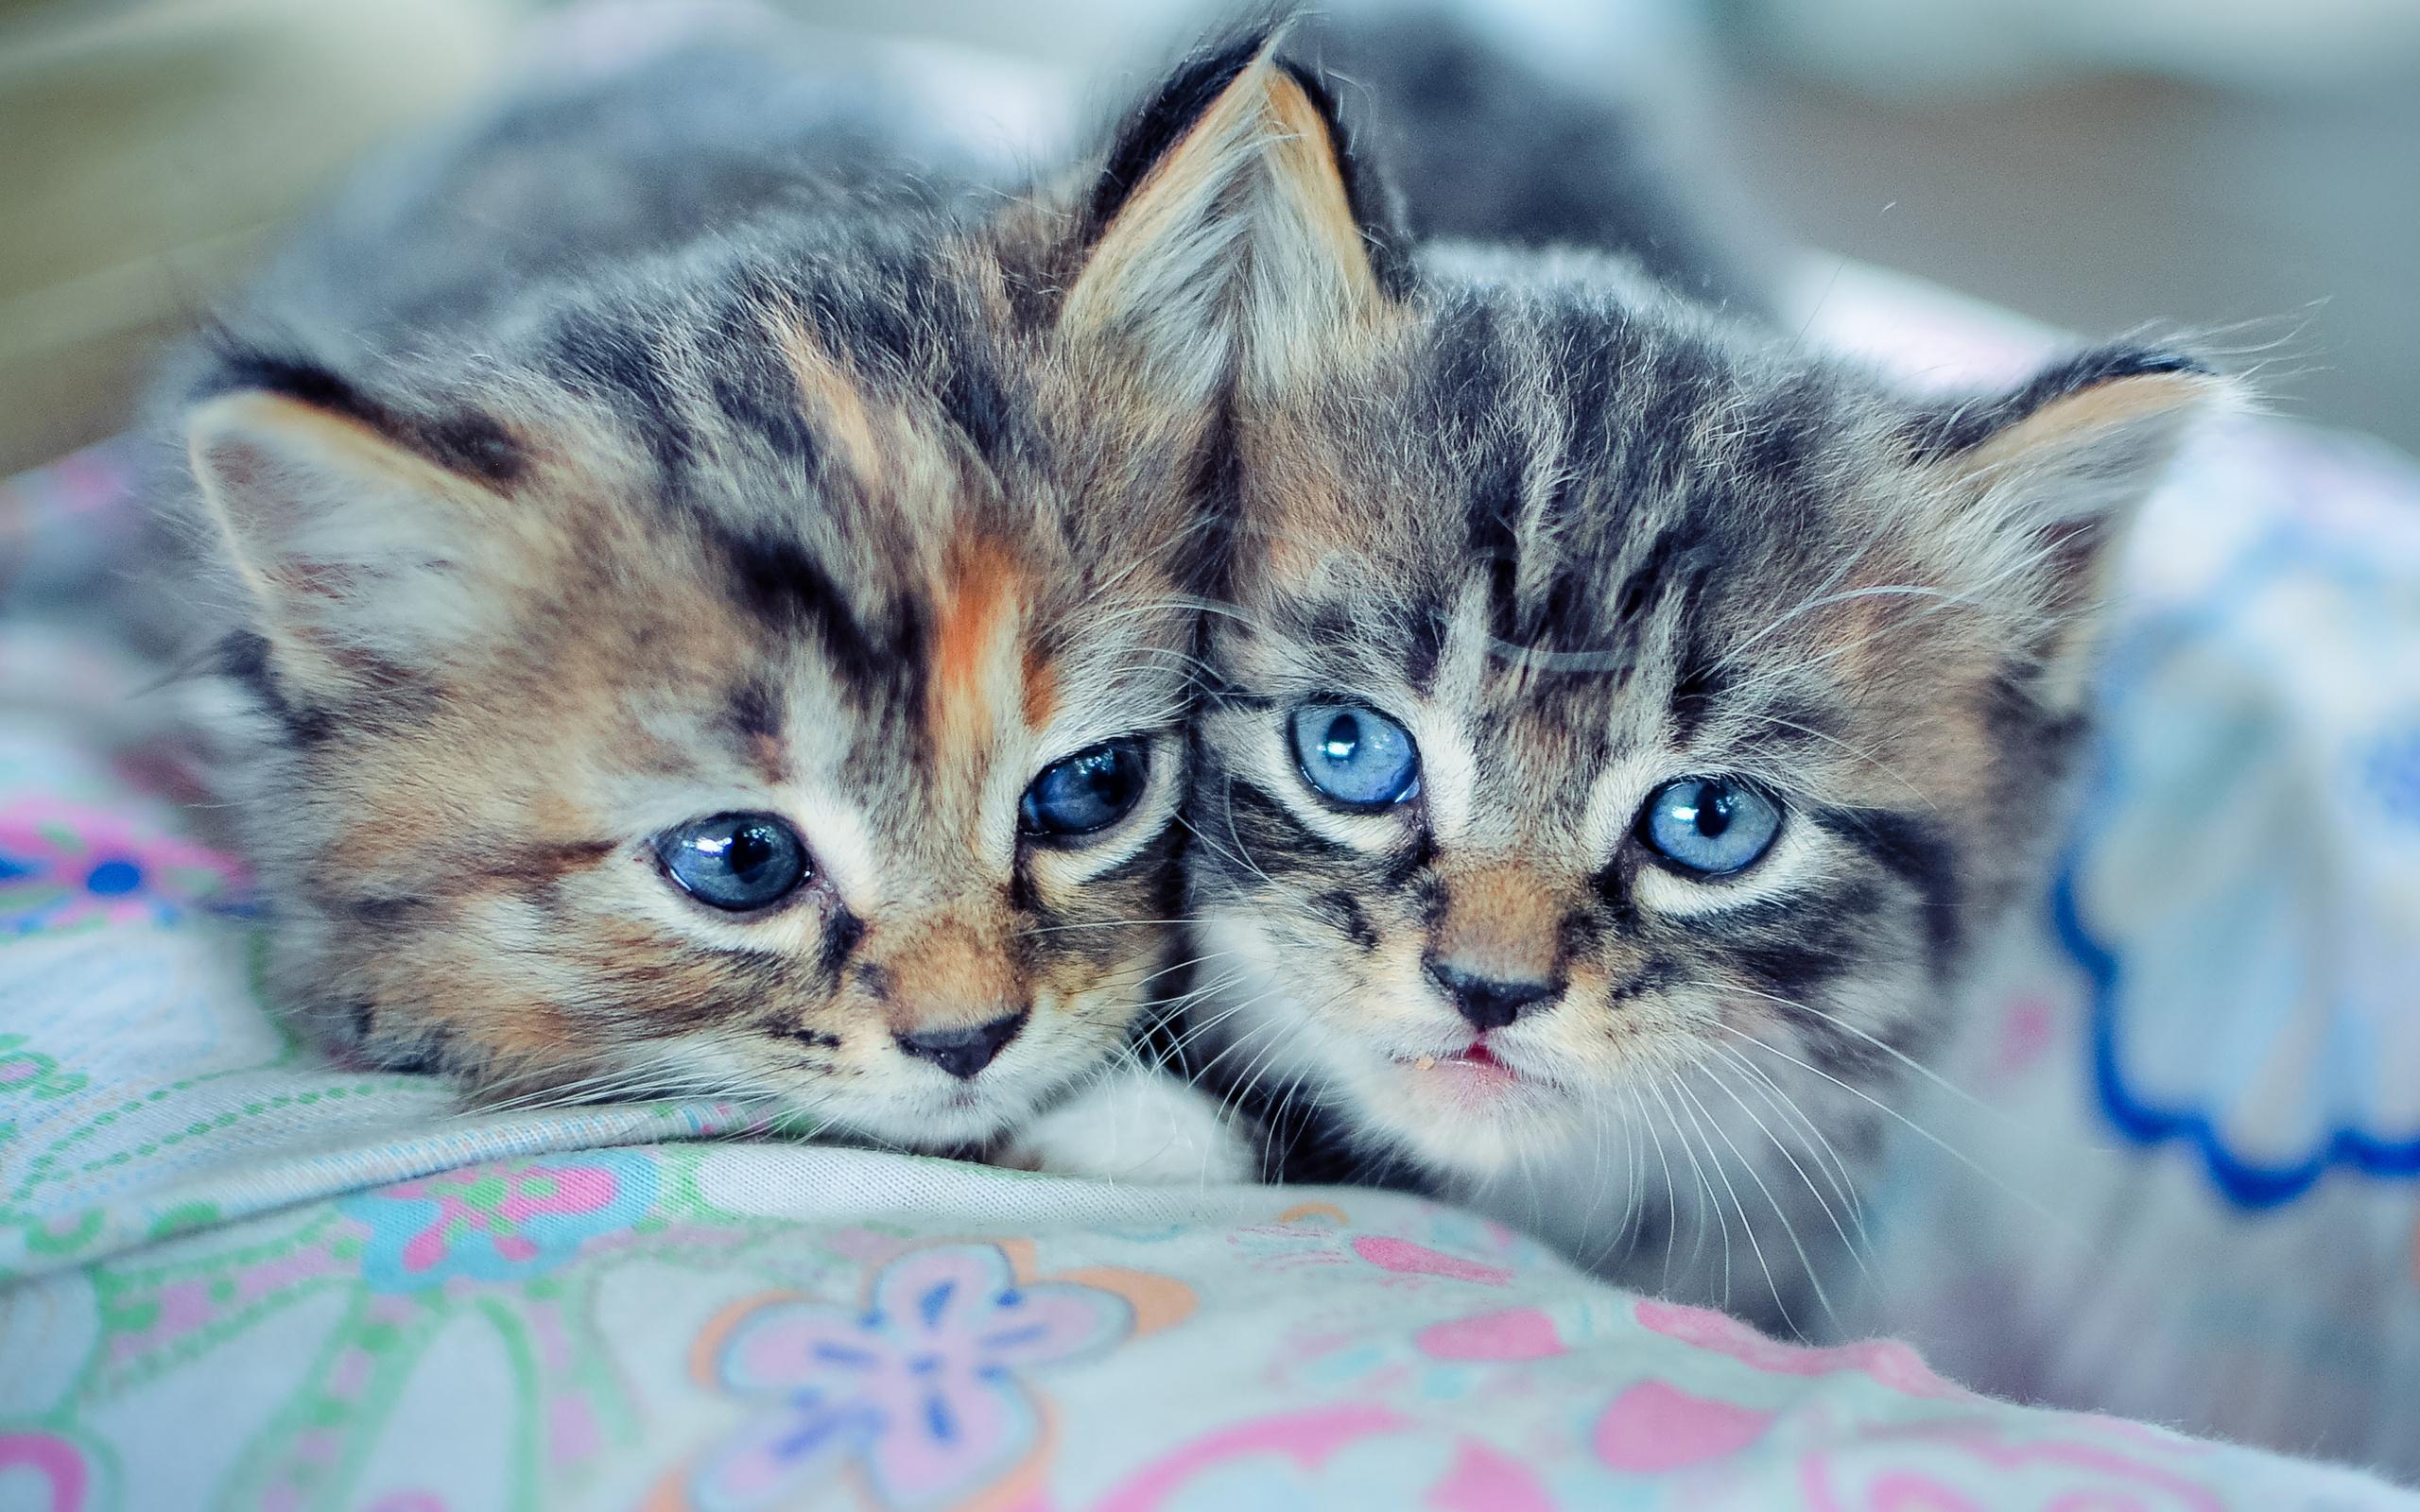 банан это смотреть фото красивых кошек и котят сказать, что